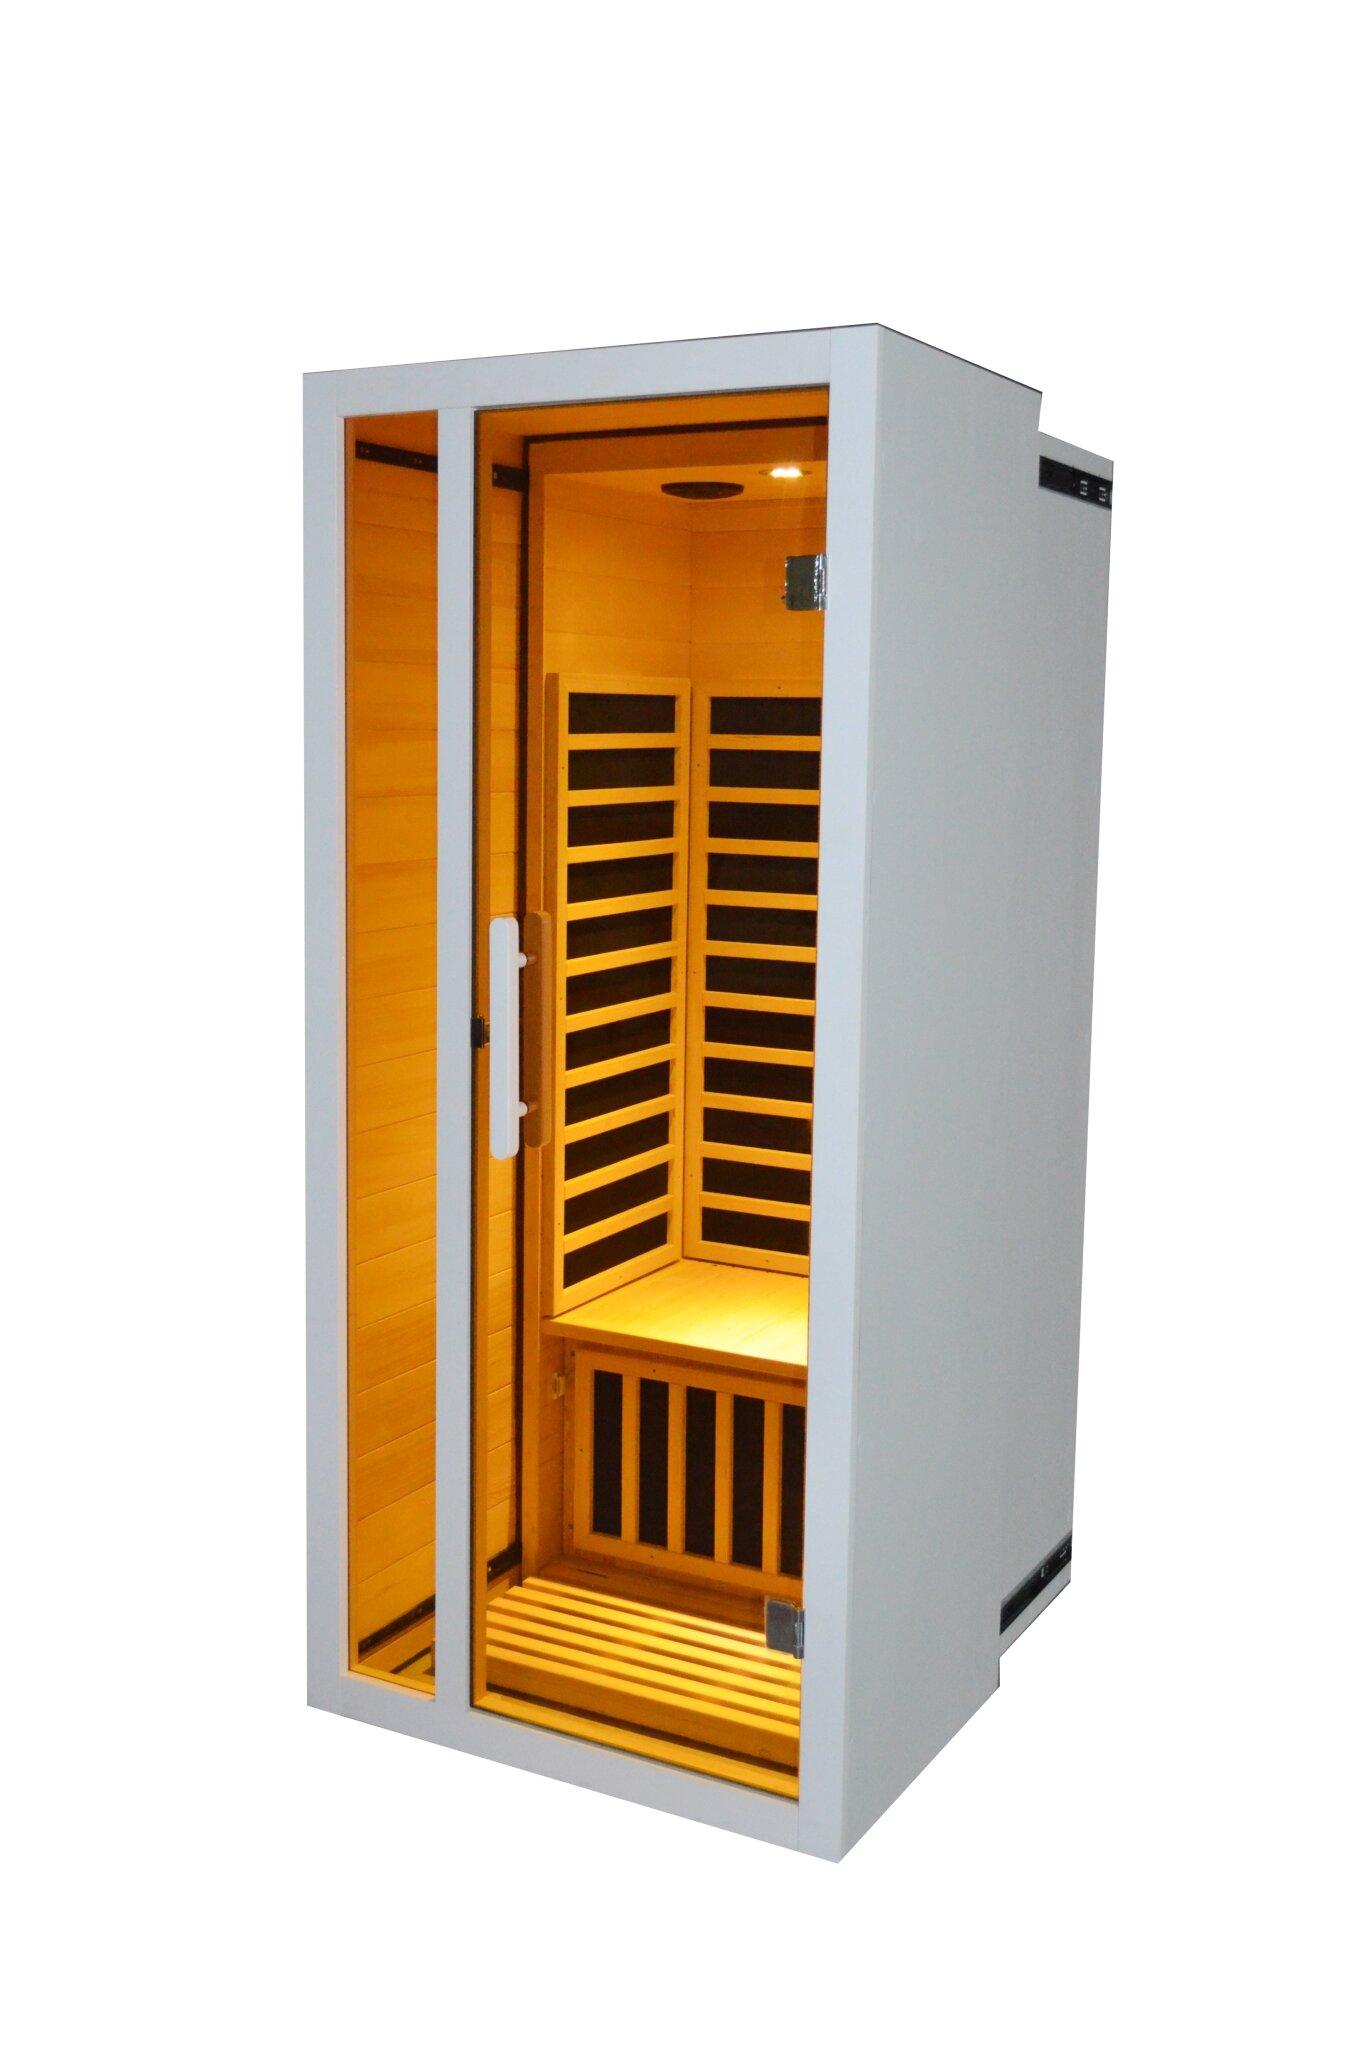 Royal Saunas Hongyuan Extendable Low Emf 1 Person Far Infrared Sauna Wayfair